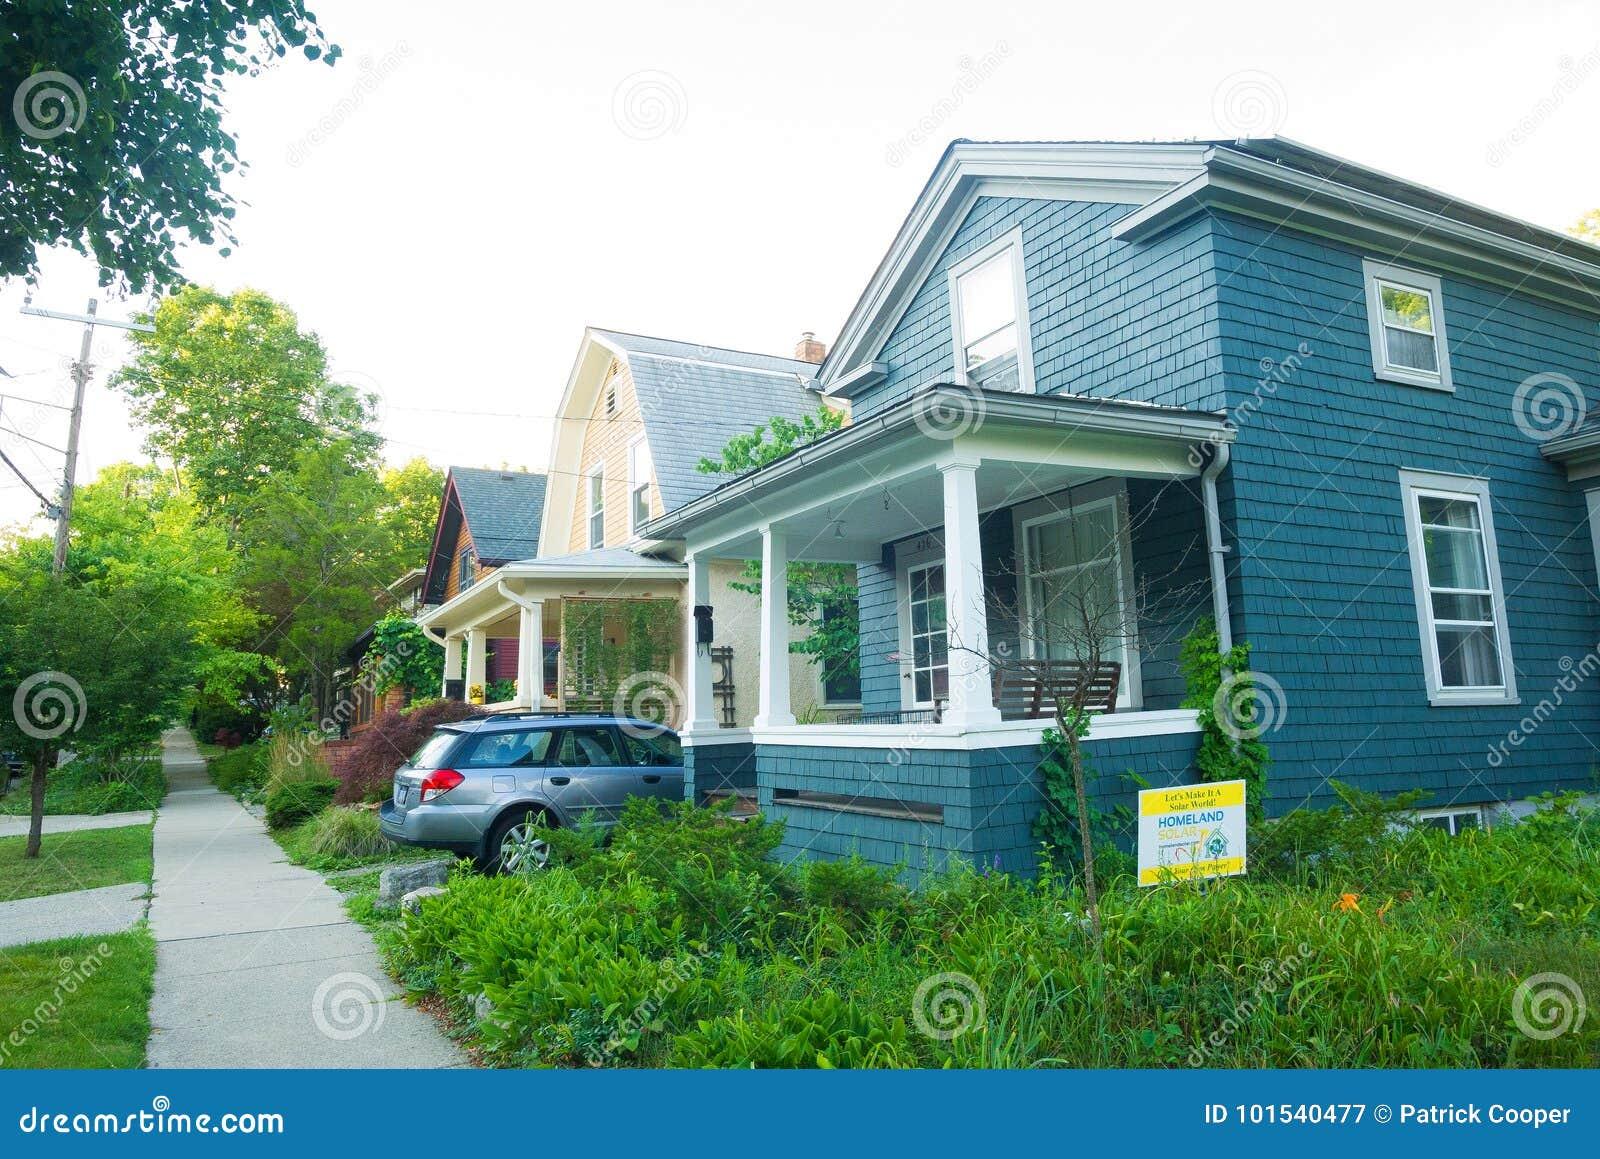 Bauholzhäuser in Michigan, Vereinigte Staaten